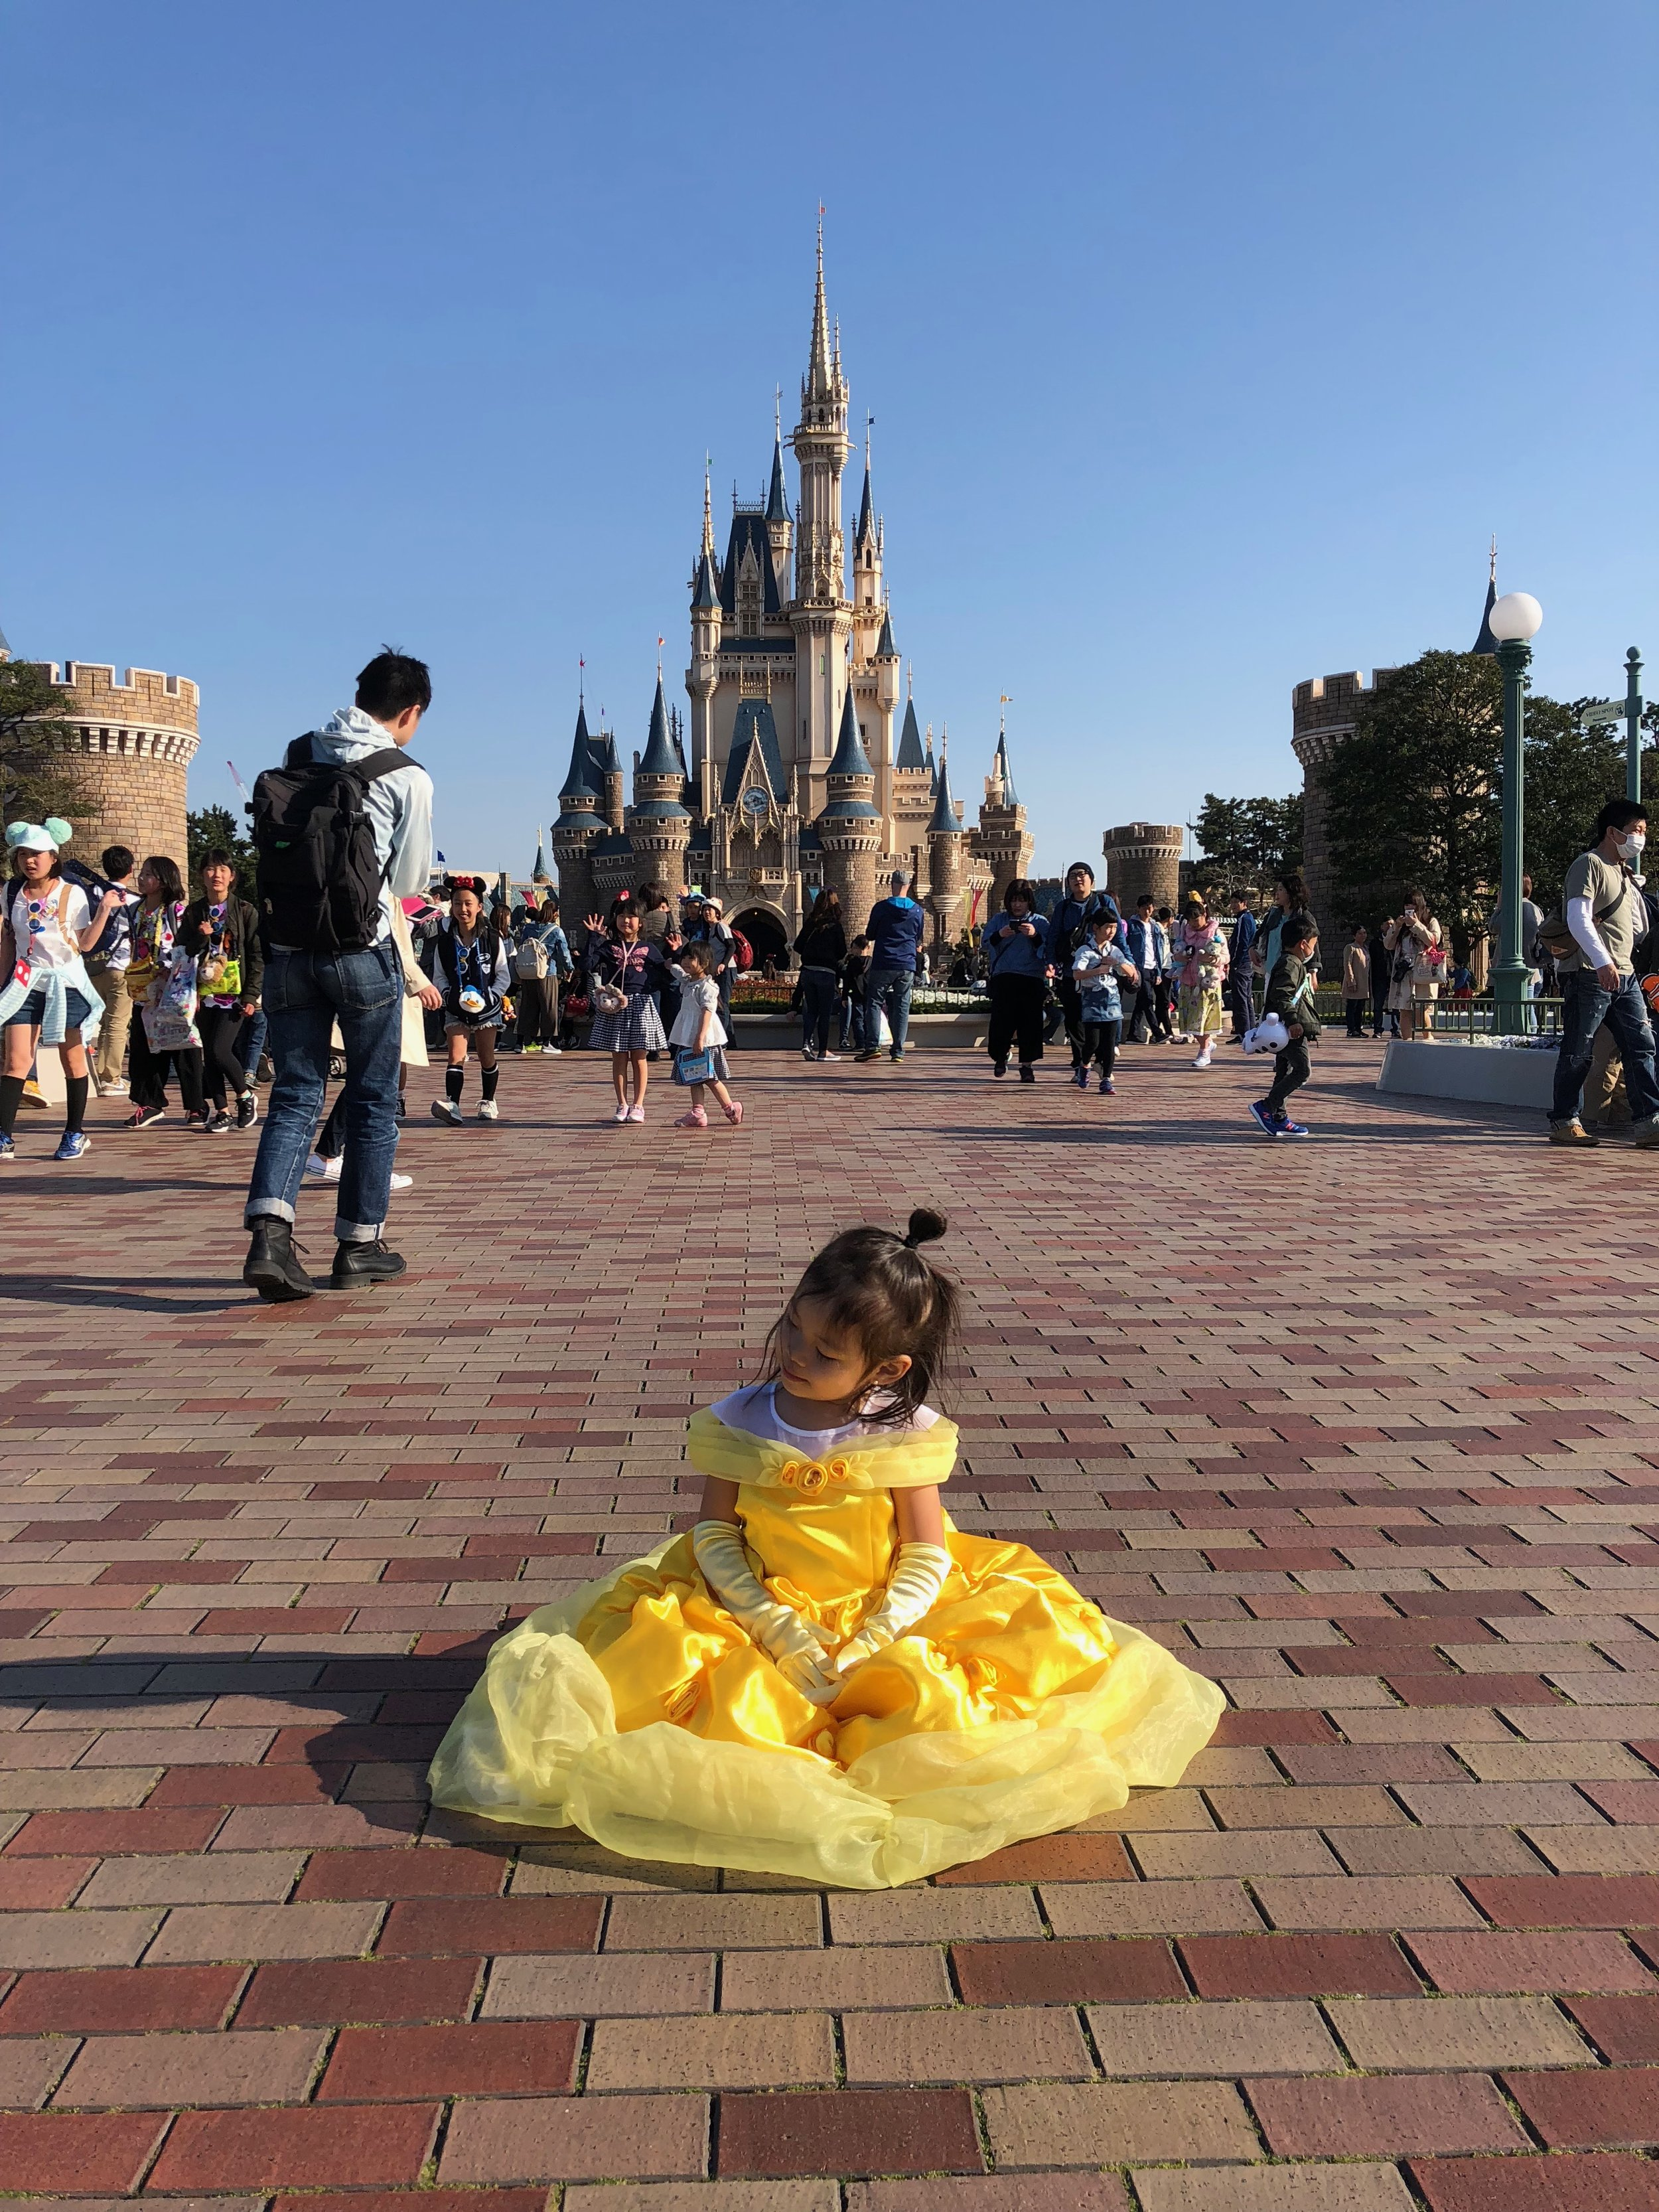 Tokyo Disneyland on meethaha.com